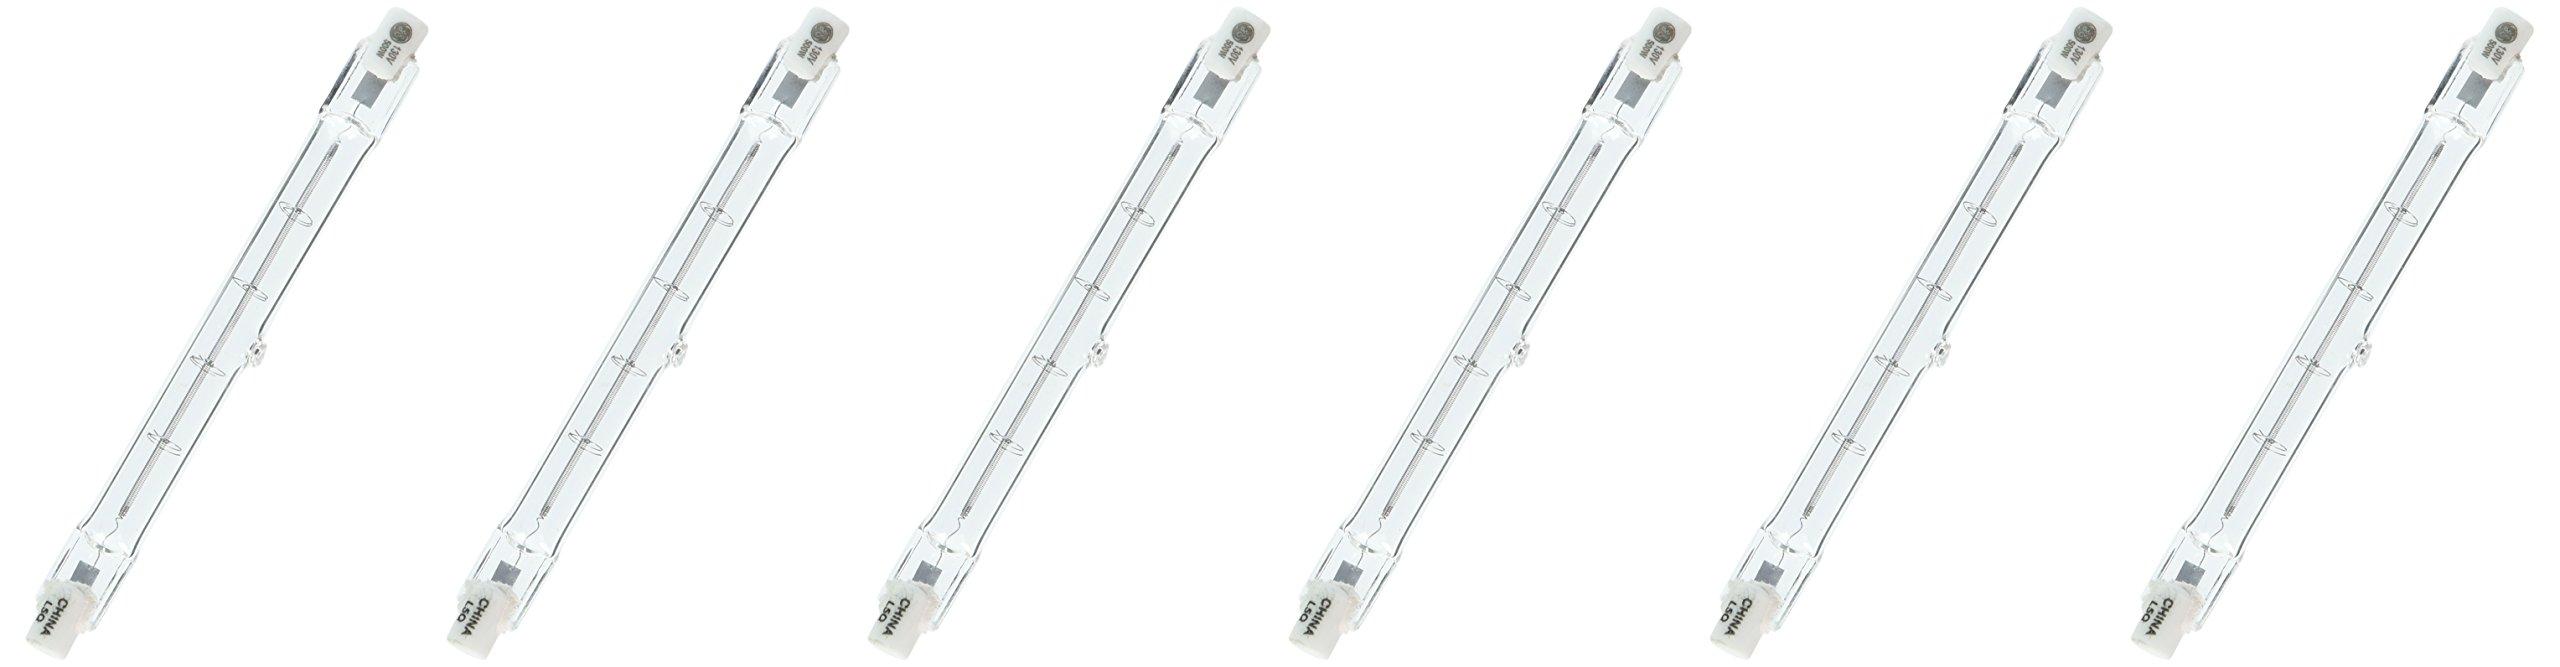 GE Lighting 24931 Proline500 Halogen T3 130V 500-Watt Light Bulb, 6-Pack by GE Lighting (Image #2)